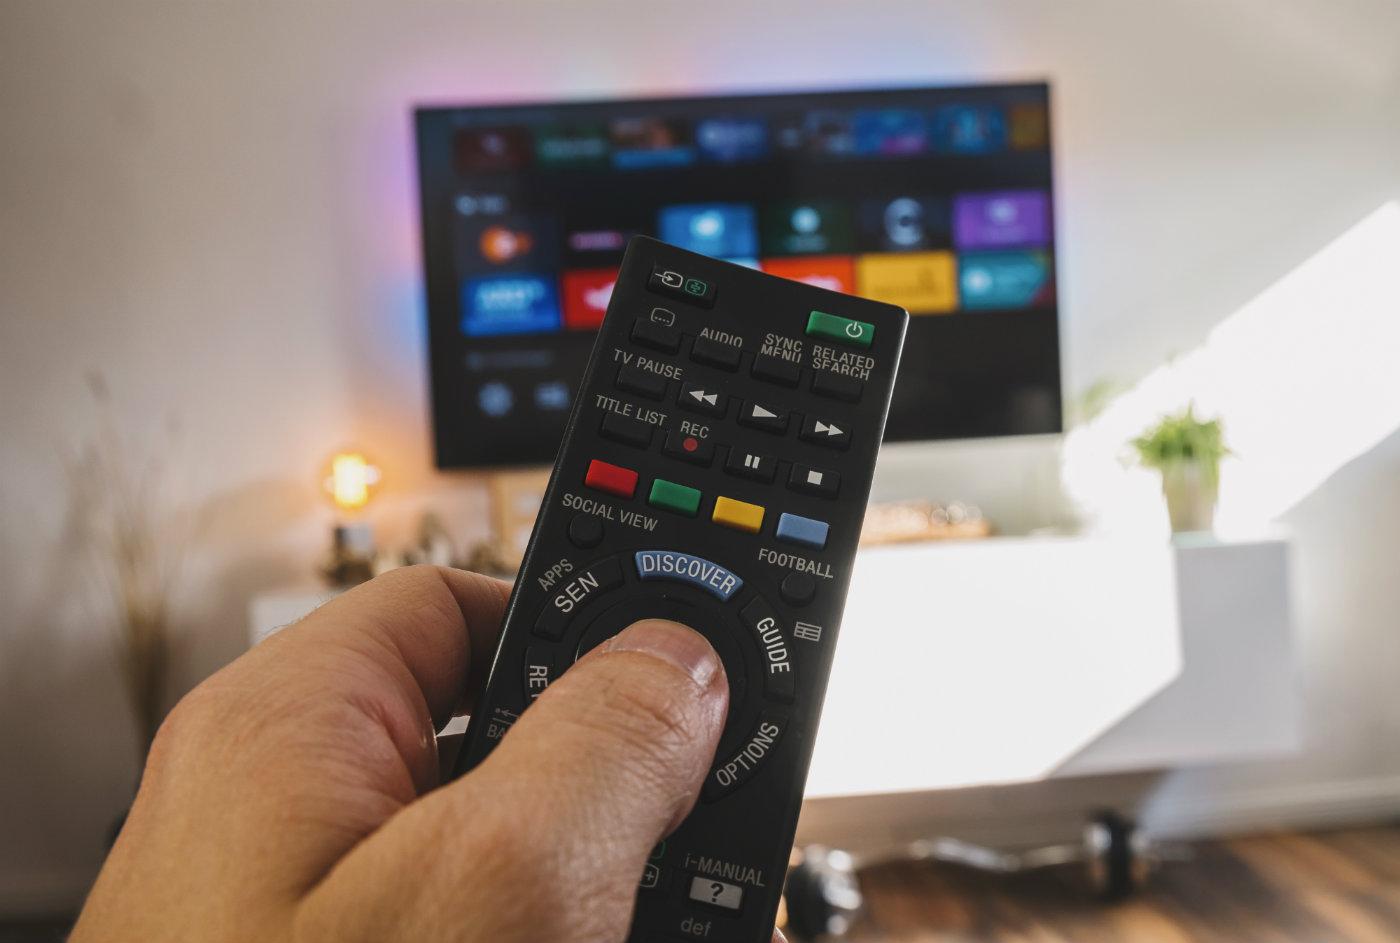 Suscripciones a Netflix y Spotify pueden costarte un mes de renta